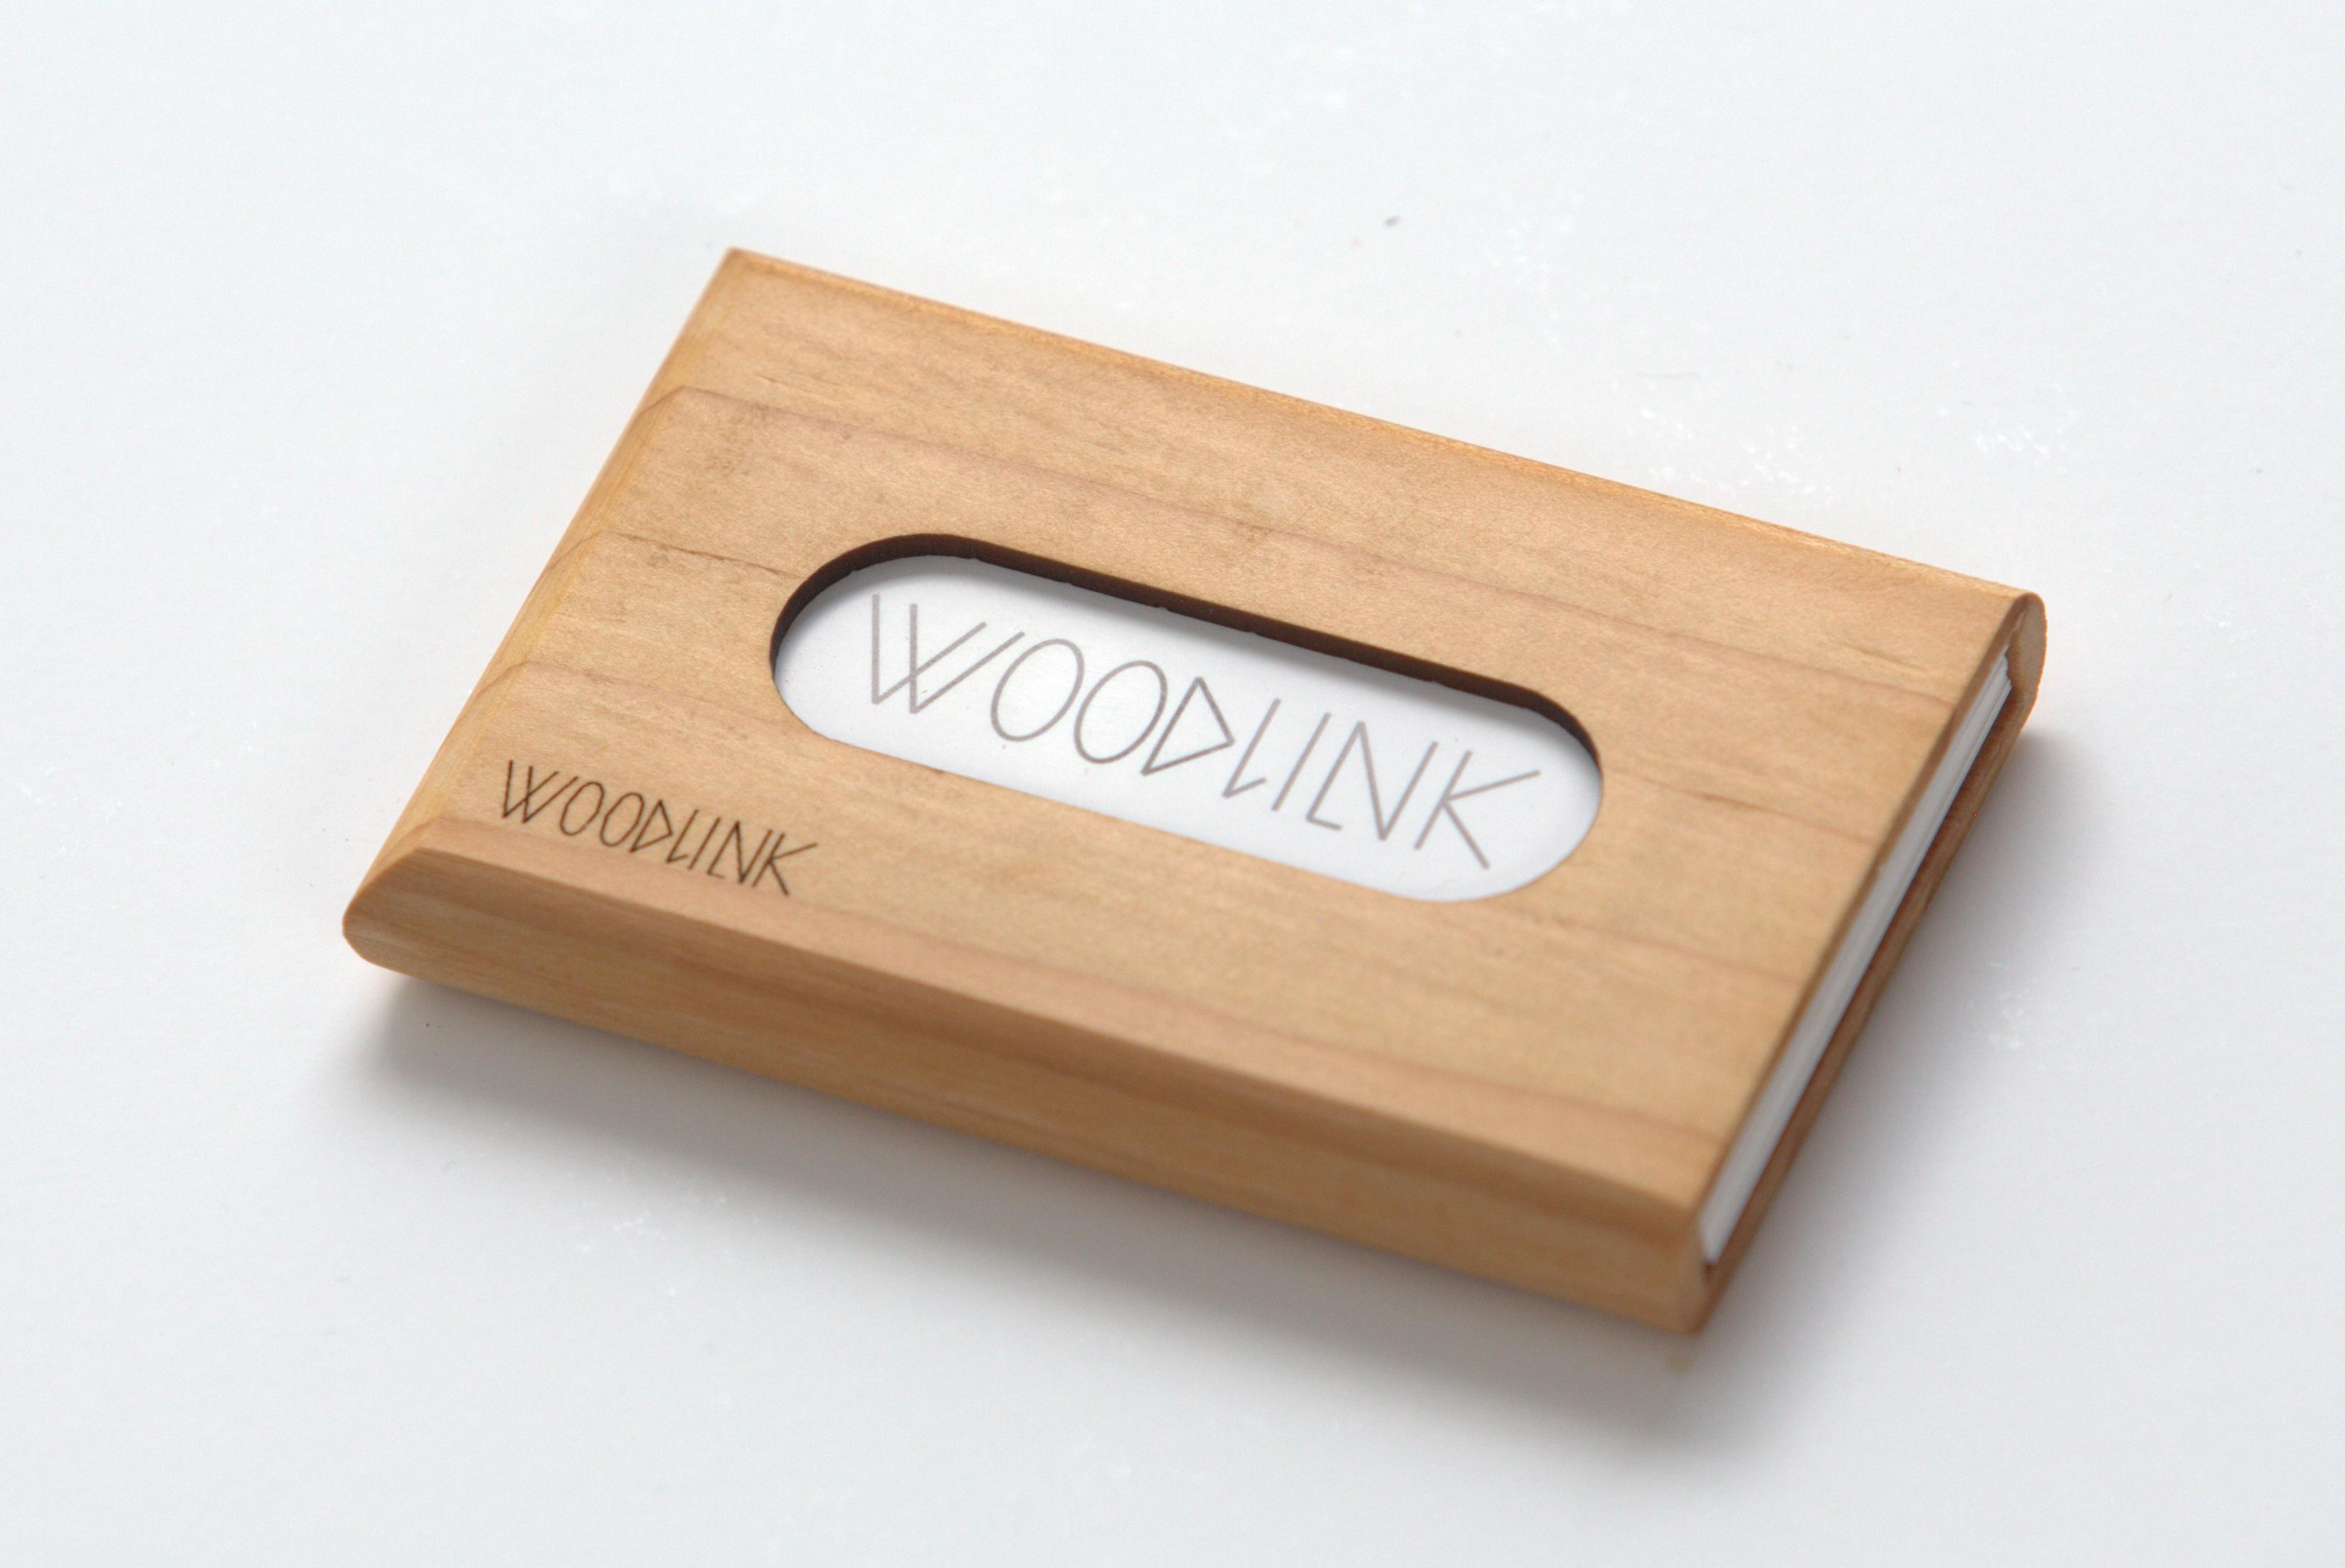 woodlink visitekaartjeshouder pasjeshouder houten portemonnee card holder duurzaam cadeau voor hem ceder producten van duurzaam hout